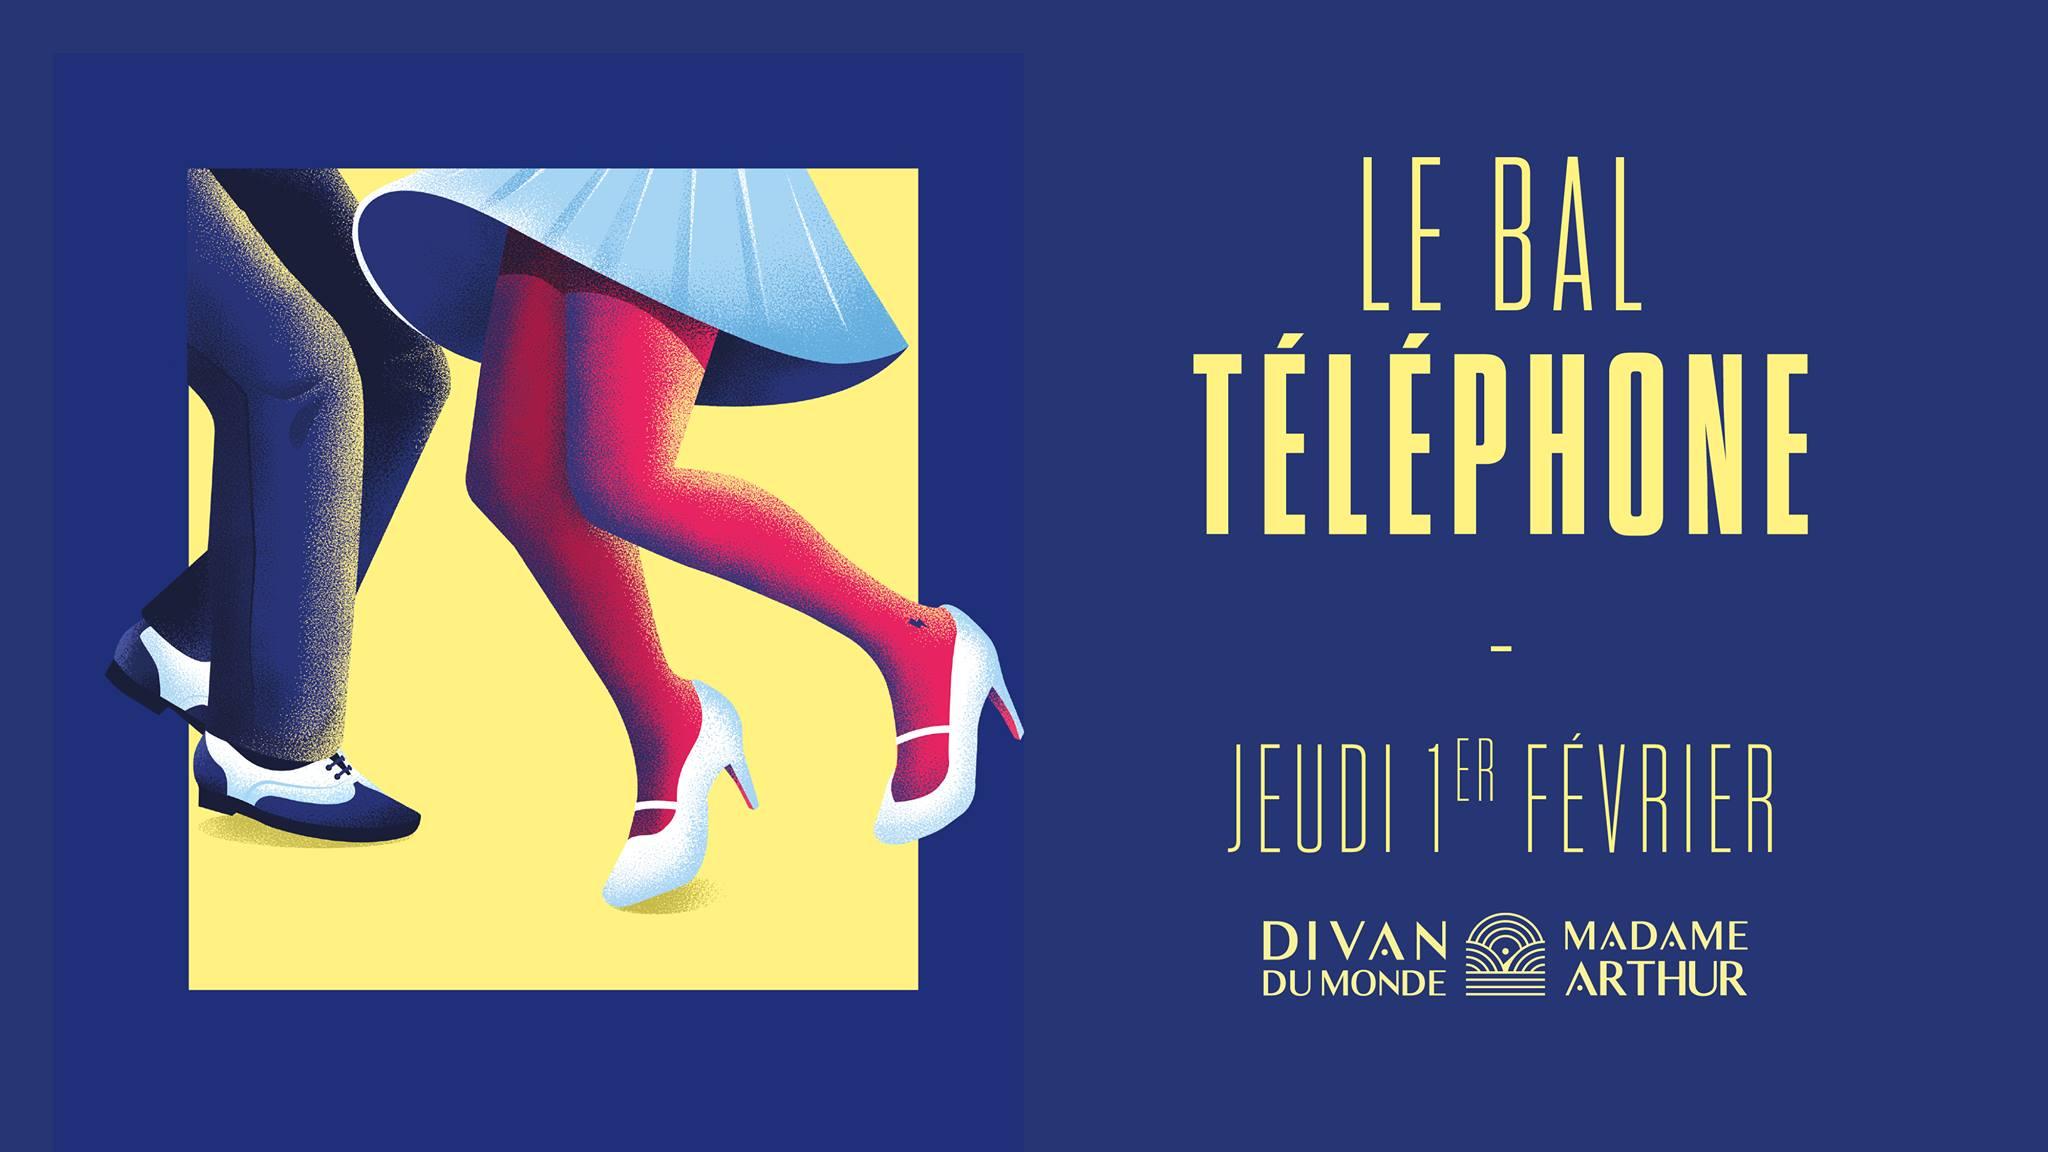 Le Bal Telephone